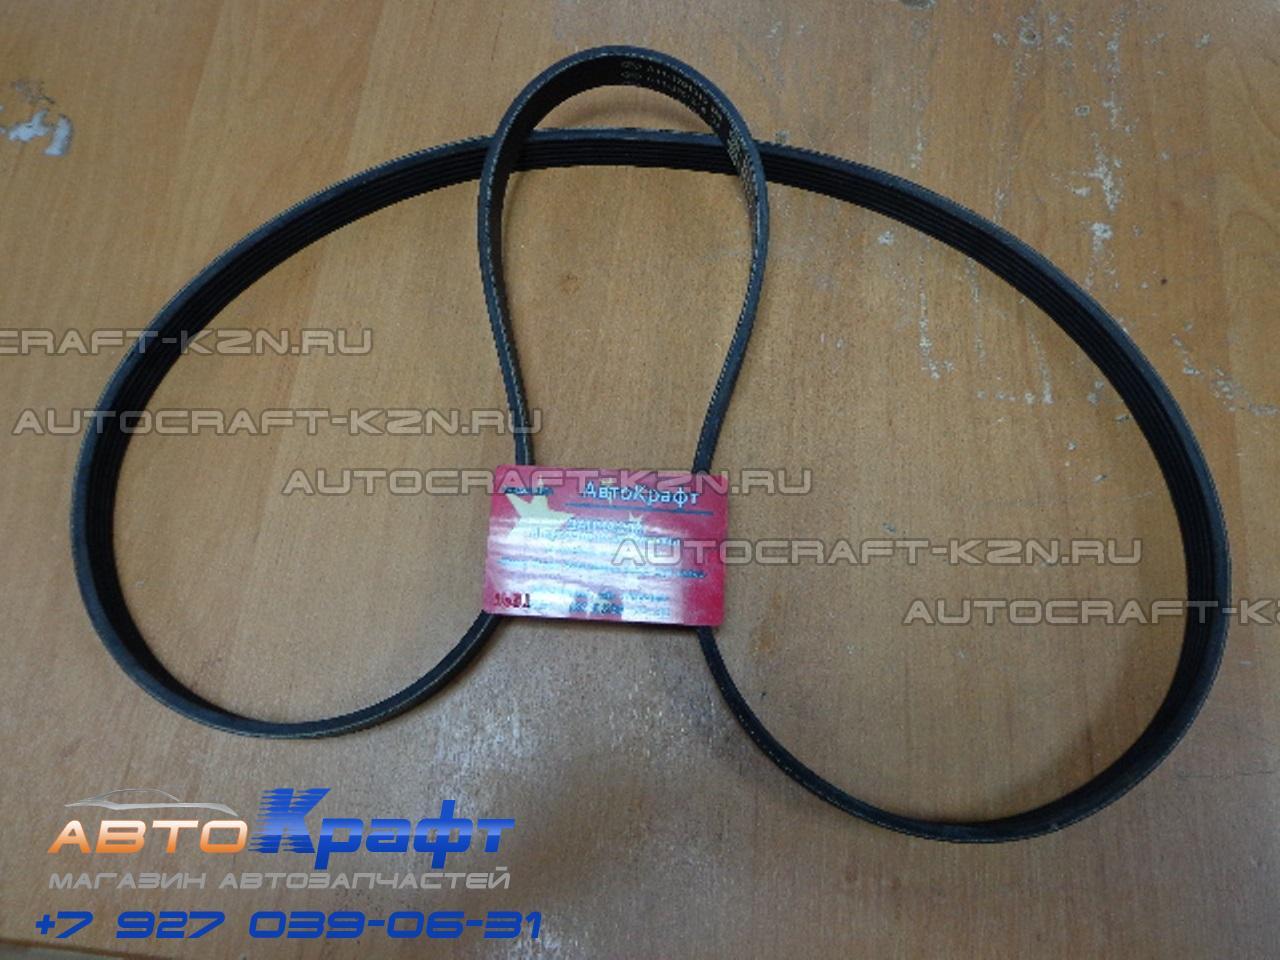 Замена ремня ГРМ Вортекс Тинго 1.8 л с фото и видео - AutoGRM 67